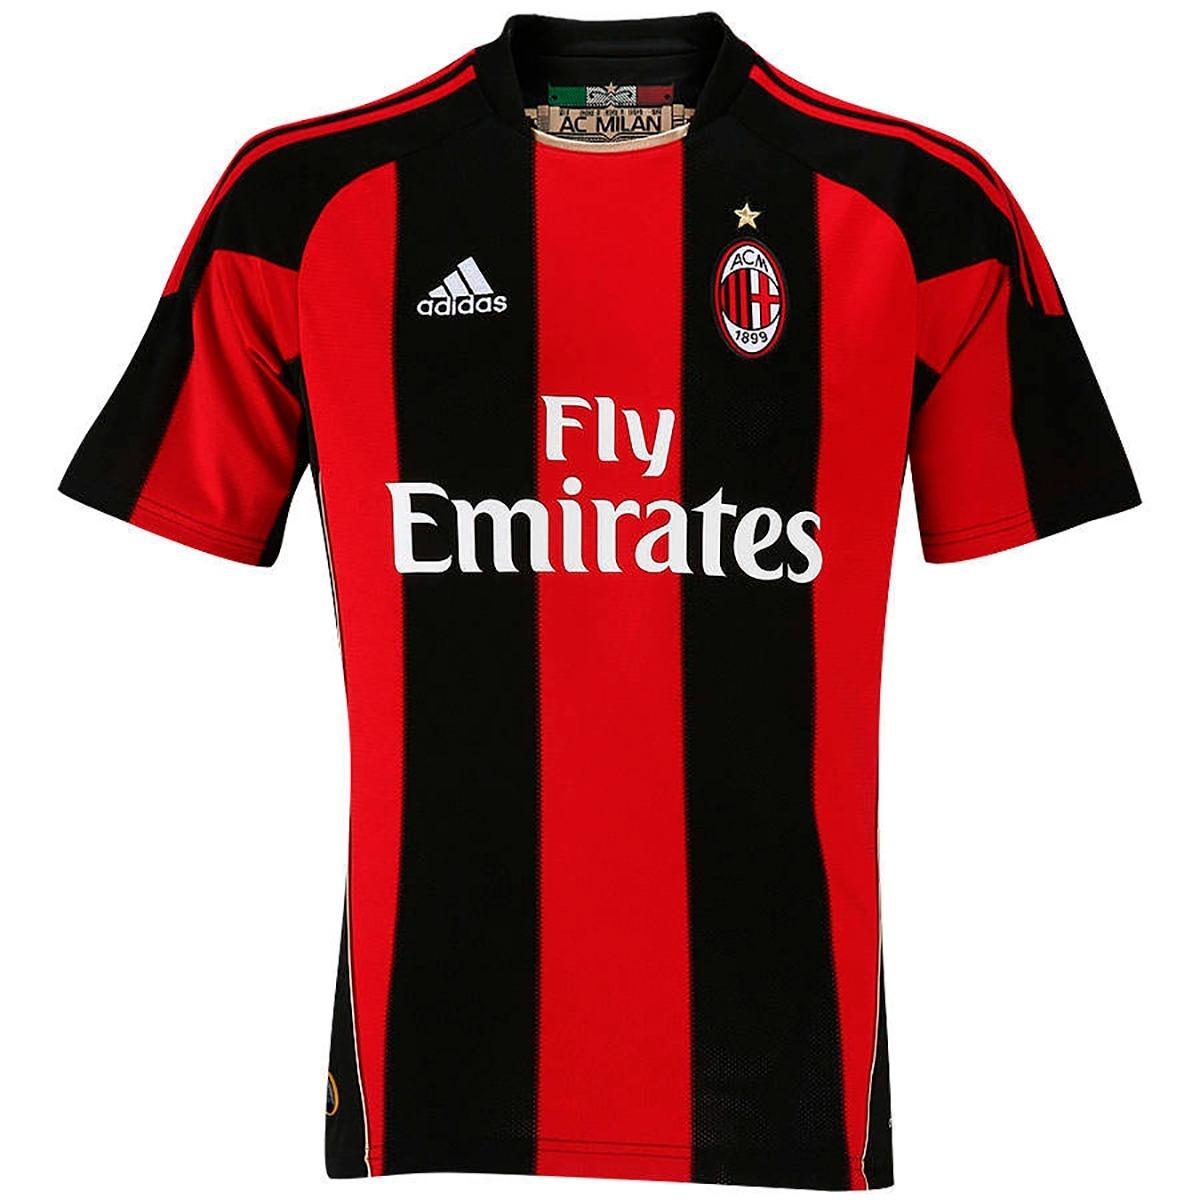 ... camisa milan adidas original 10 11 home casa vermelha preta. Carregando  zoom. dd9f14eac753da ... 69adef0a23ae8